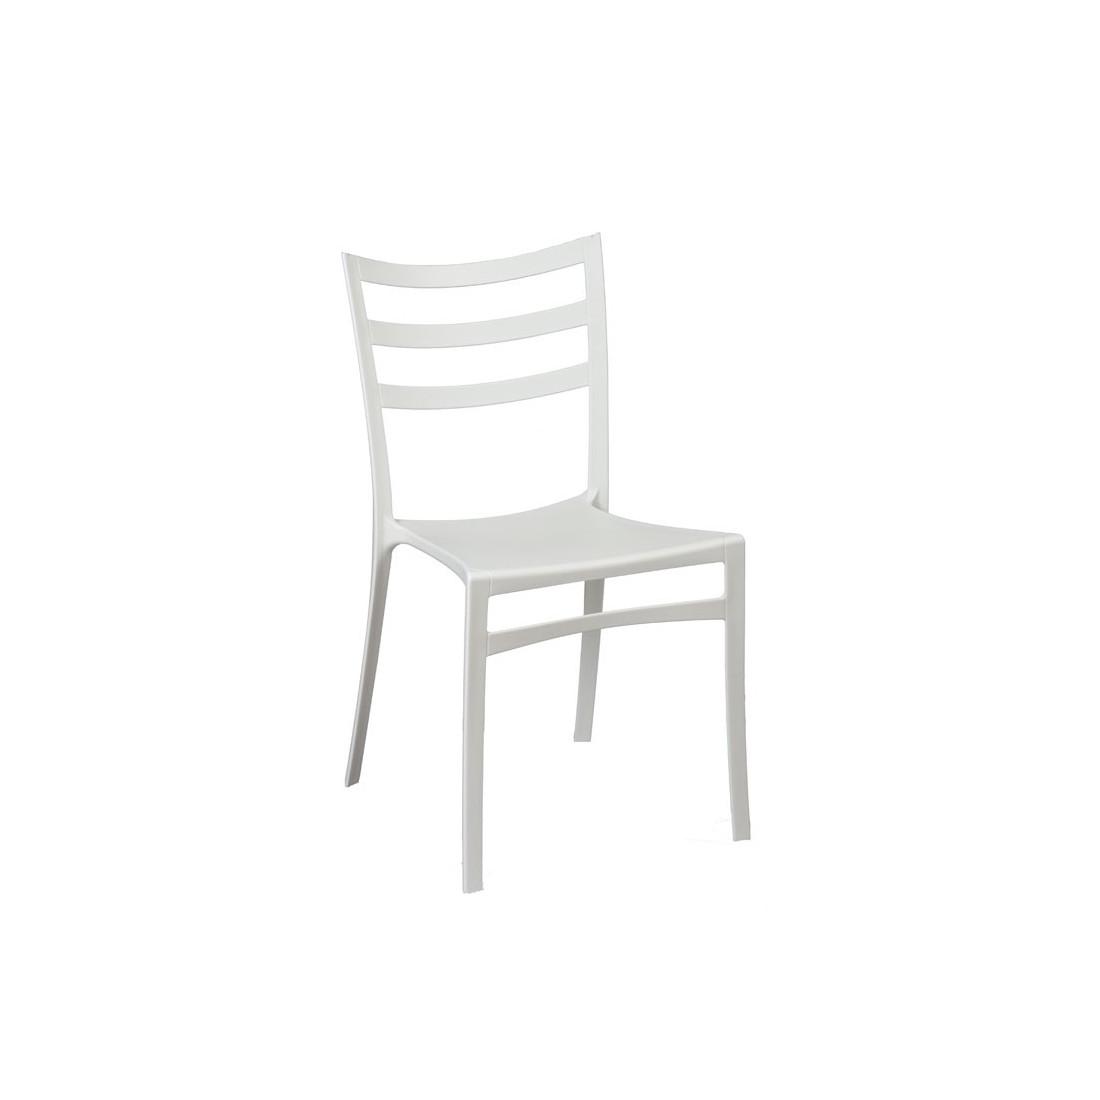 quatuor de chaises blanches mya univers salle manger. Black Bedroom Furniture Sets. Home Design Ideas